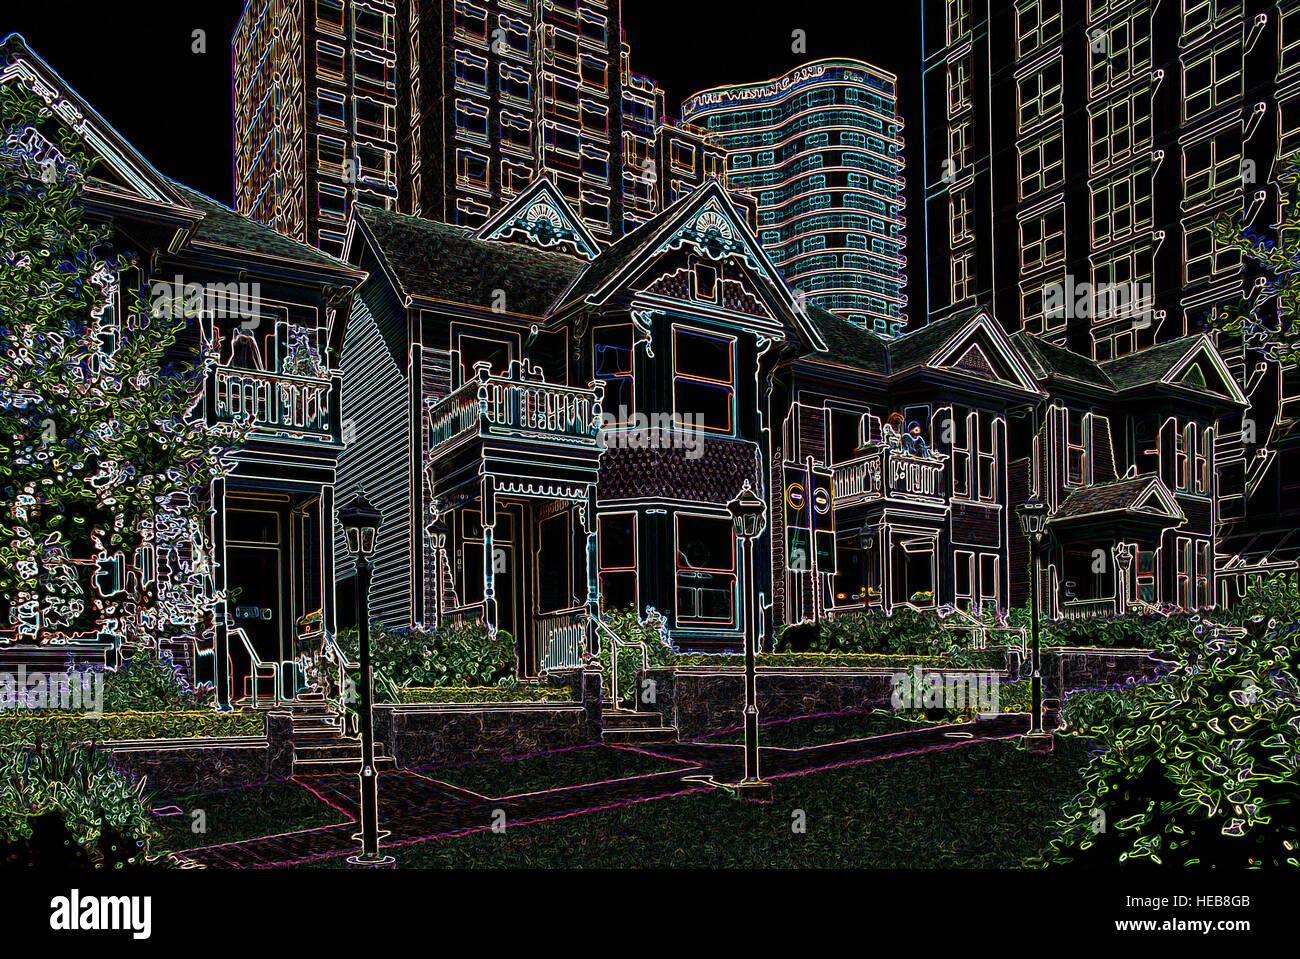 Patrimonio casas y edificios gigantescos - imágenes manipuladas ...